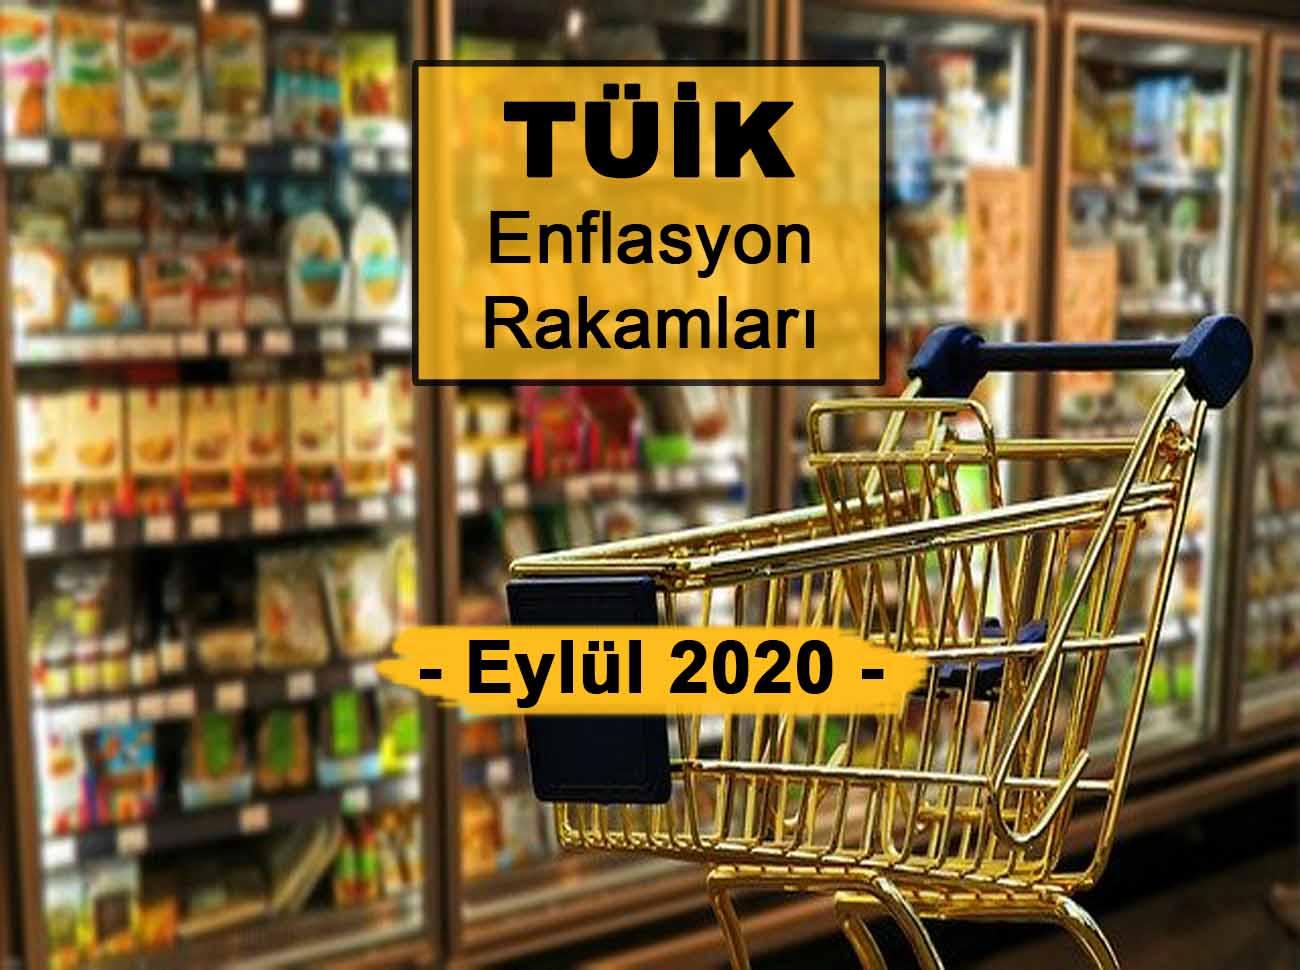 Enflasyon Rakamları (Eylül 2020)